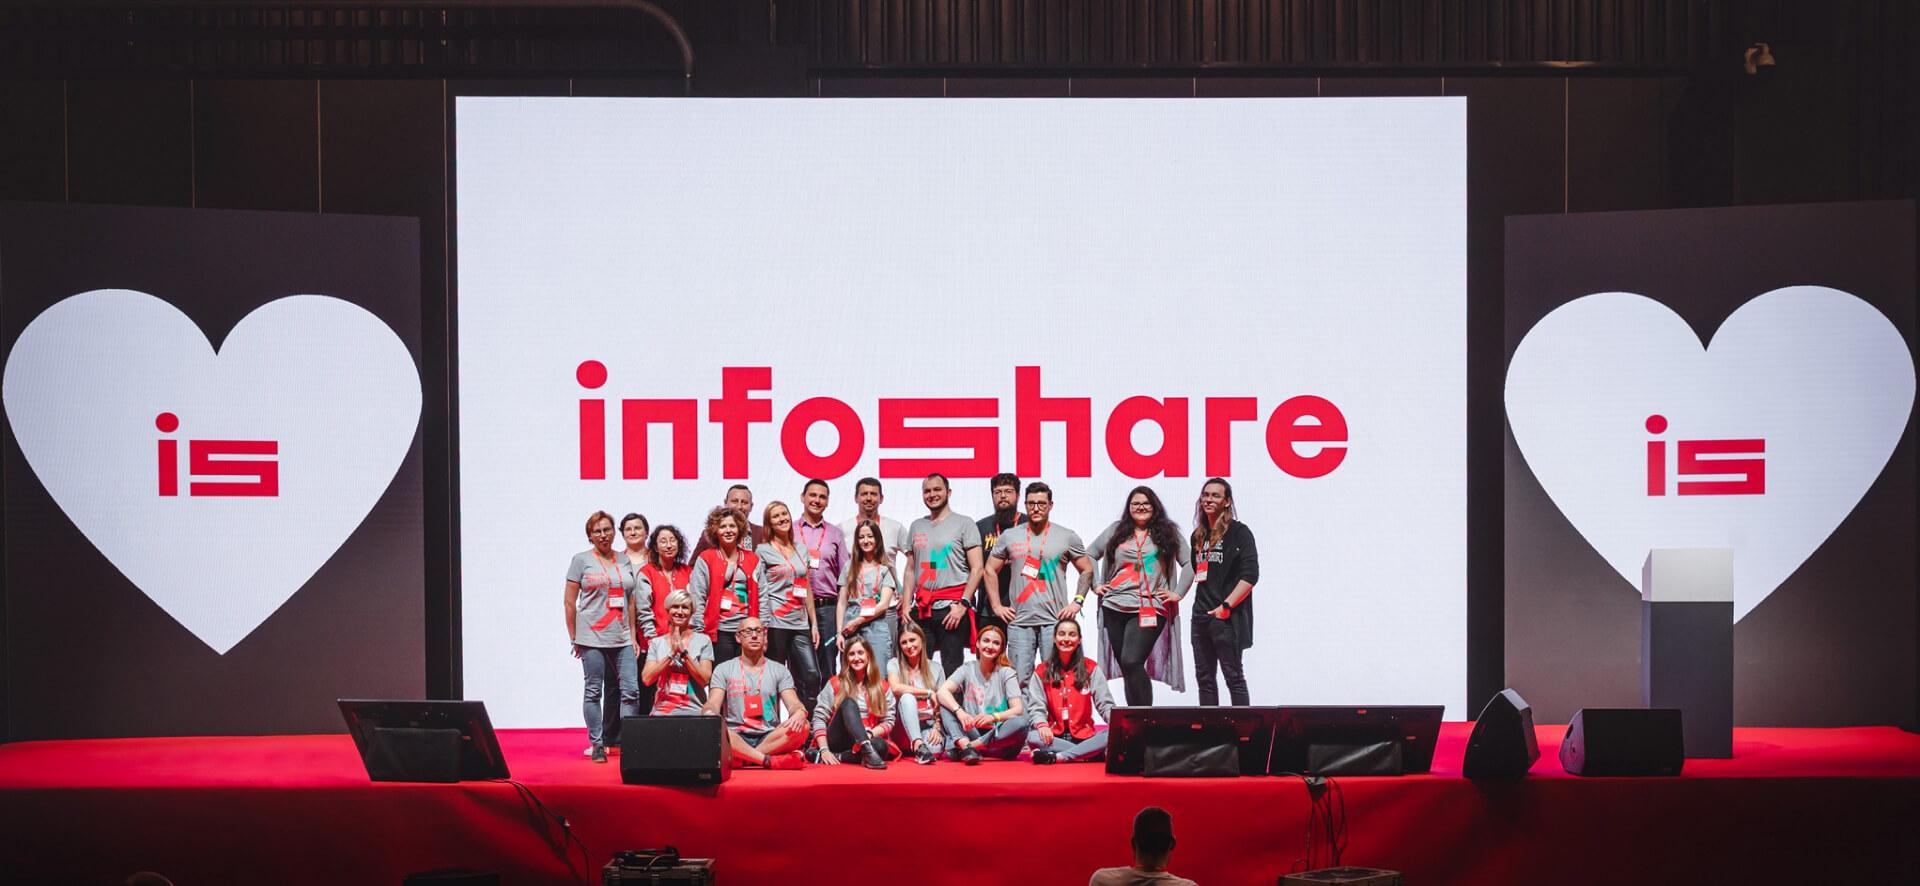 is team on stage